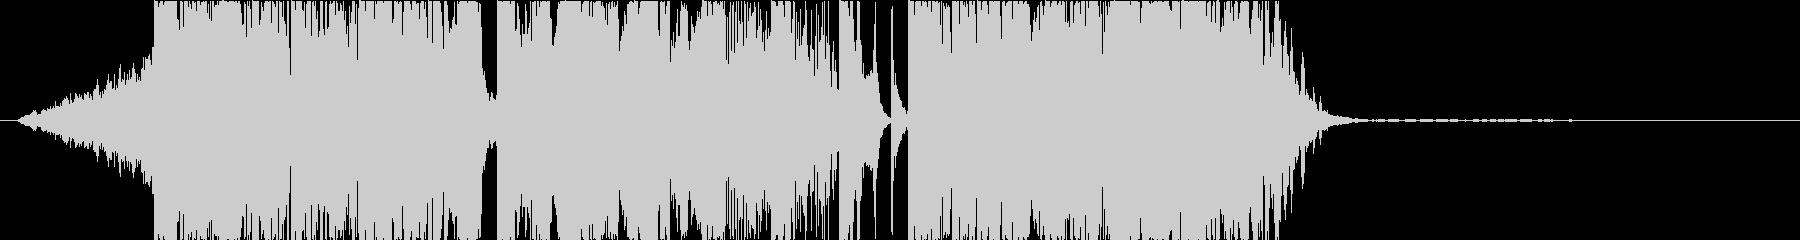 DUBSTEP クール ジングル136の未再生の波形